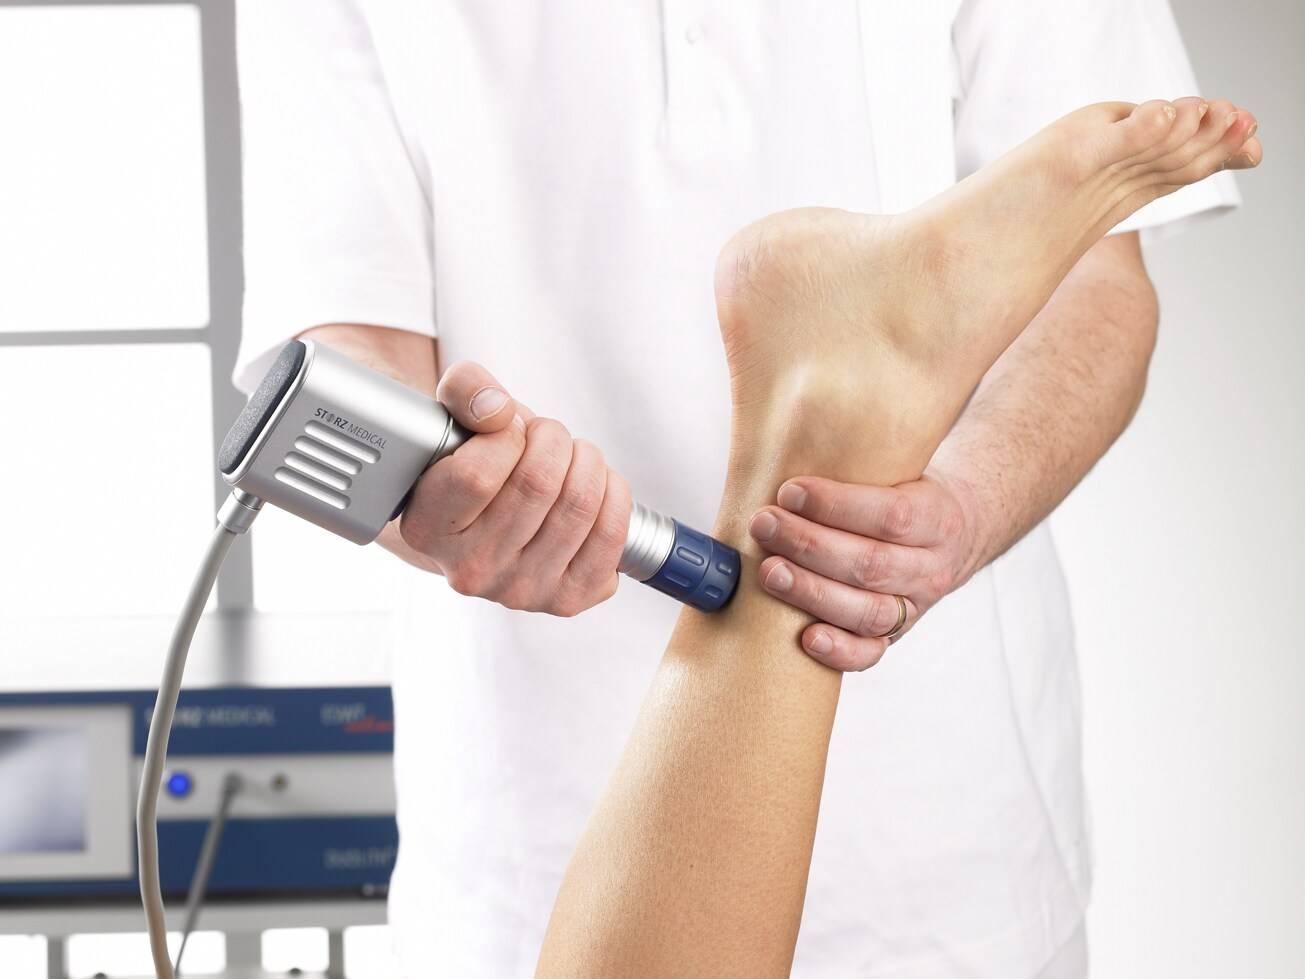 روش شاک ویو تراپی از چه طریقی درمان دردها را انجام می دهد و مراحل مهم برای به کار بردن این روش درمانی کدامند؟